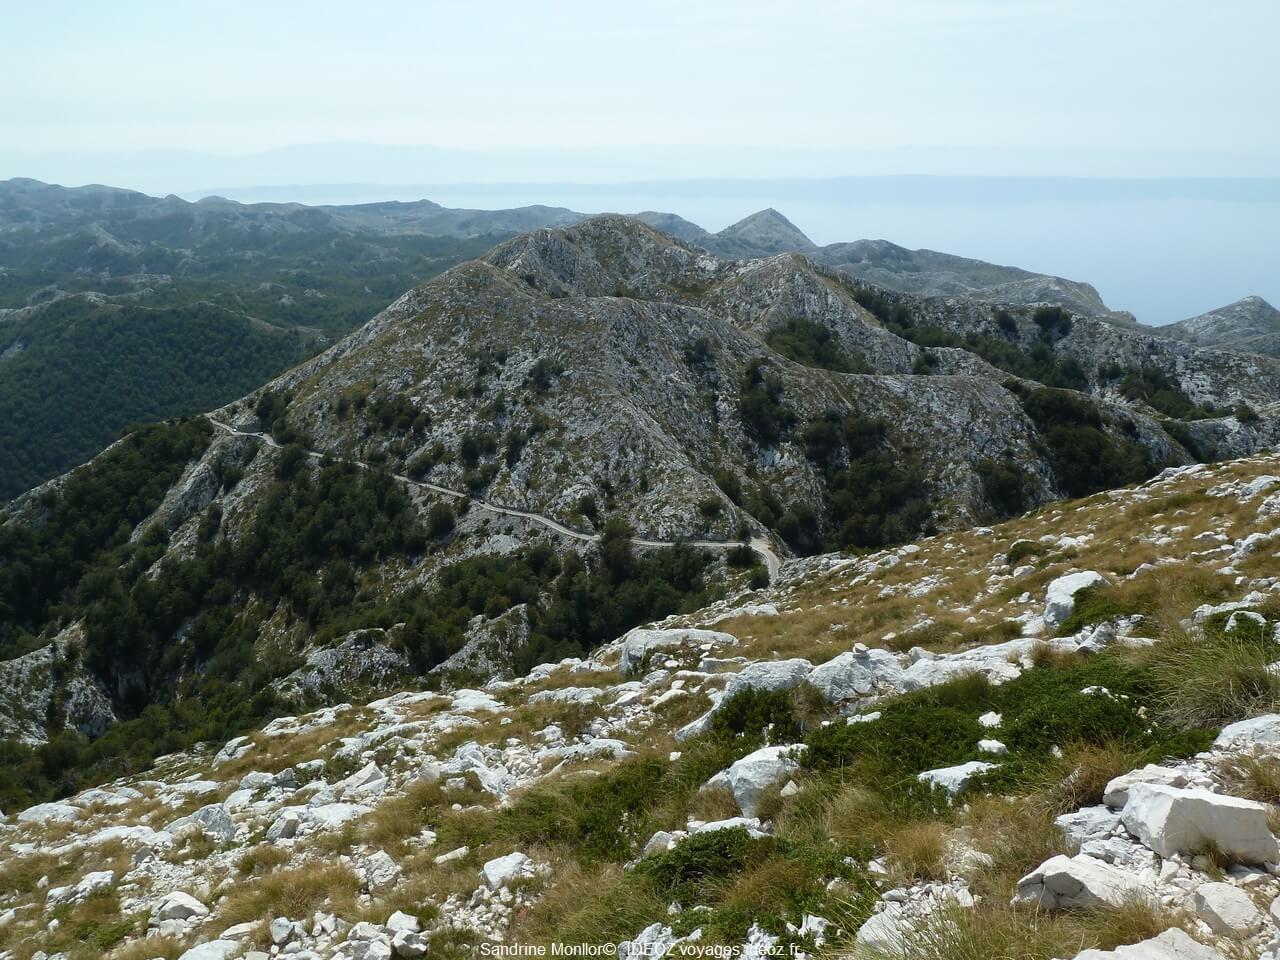 Massif de Biokovo ; paysages époustouflants sur la Via Dinarica en Dalmatie centrale 1